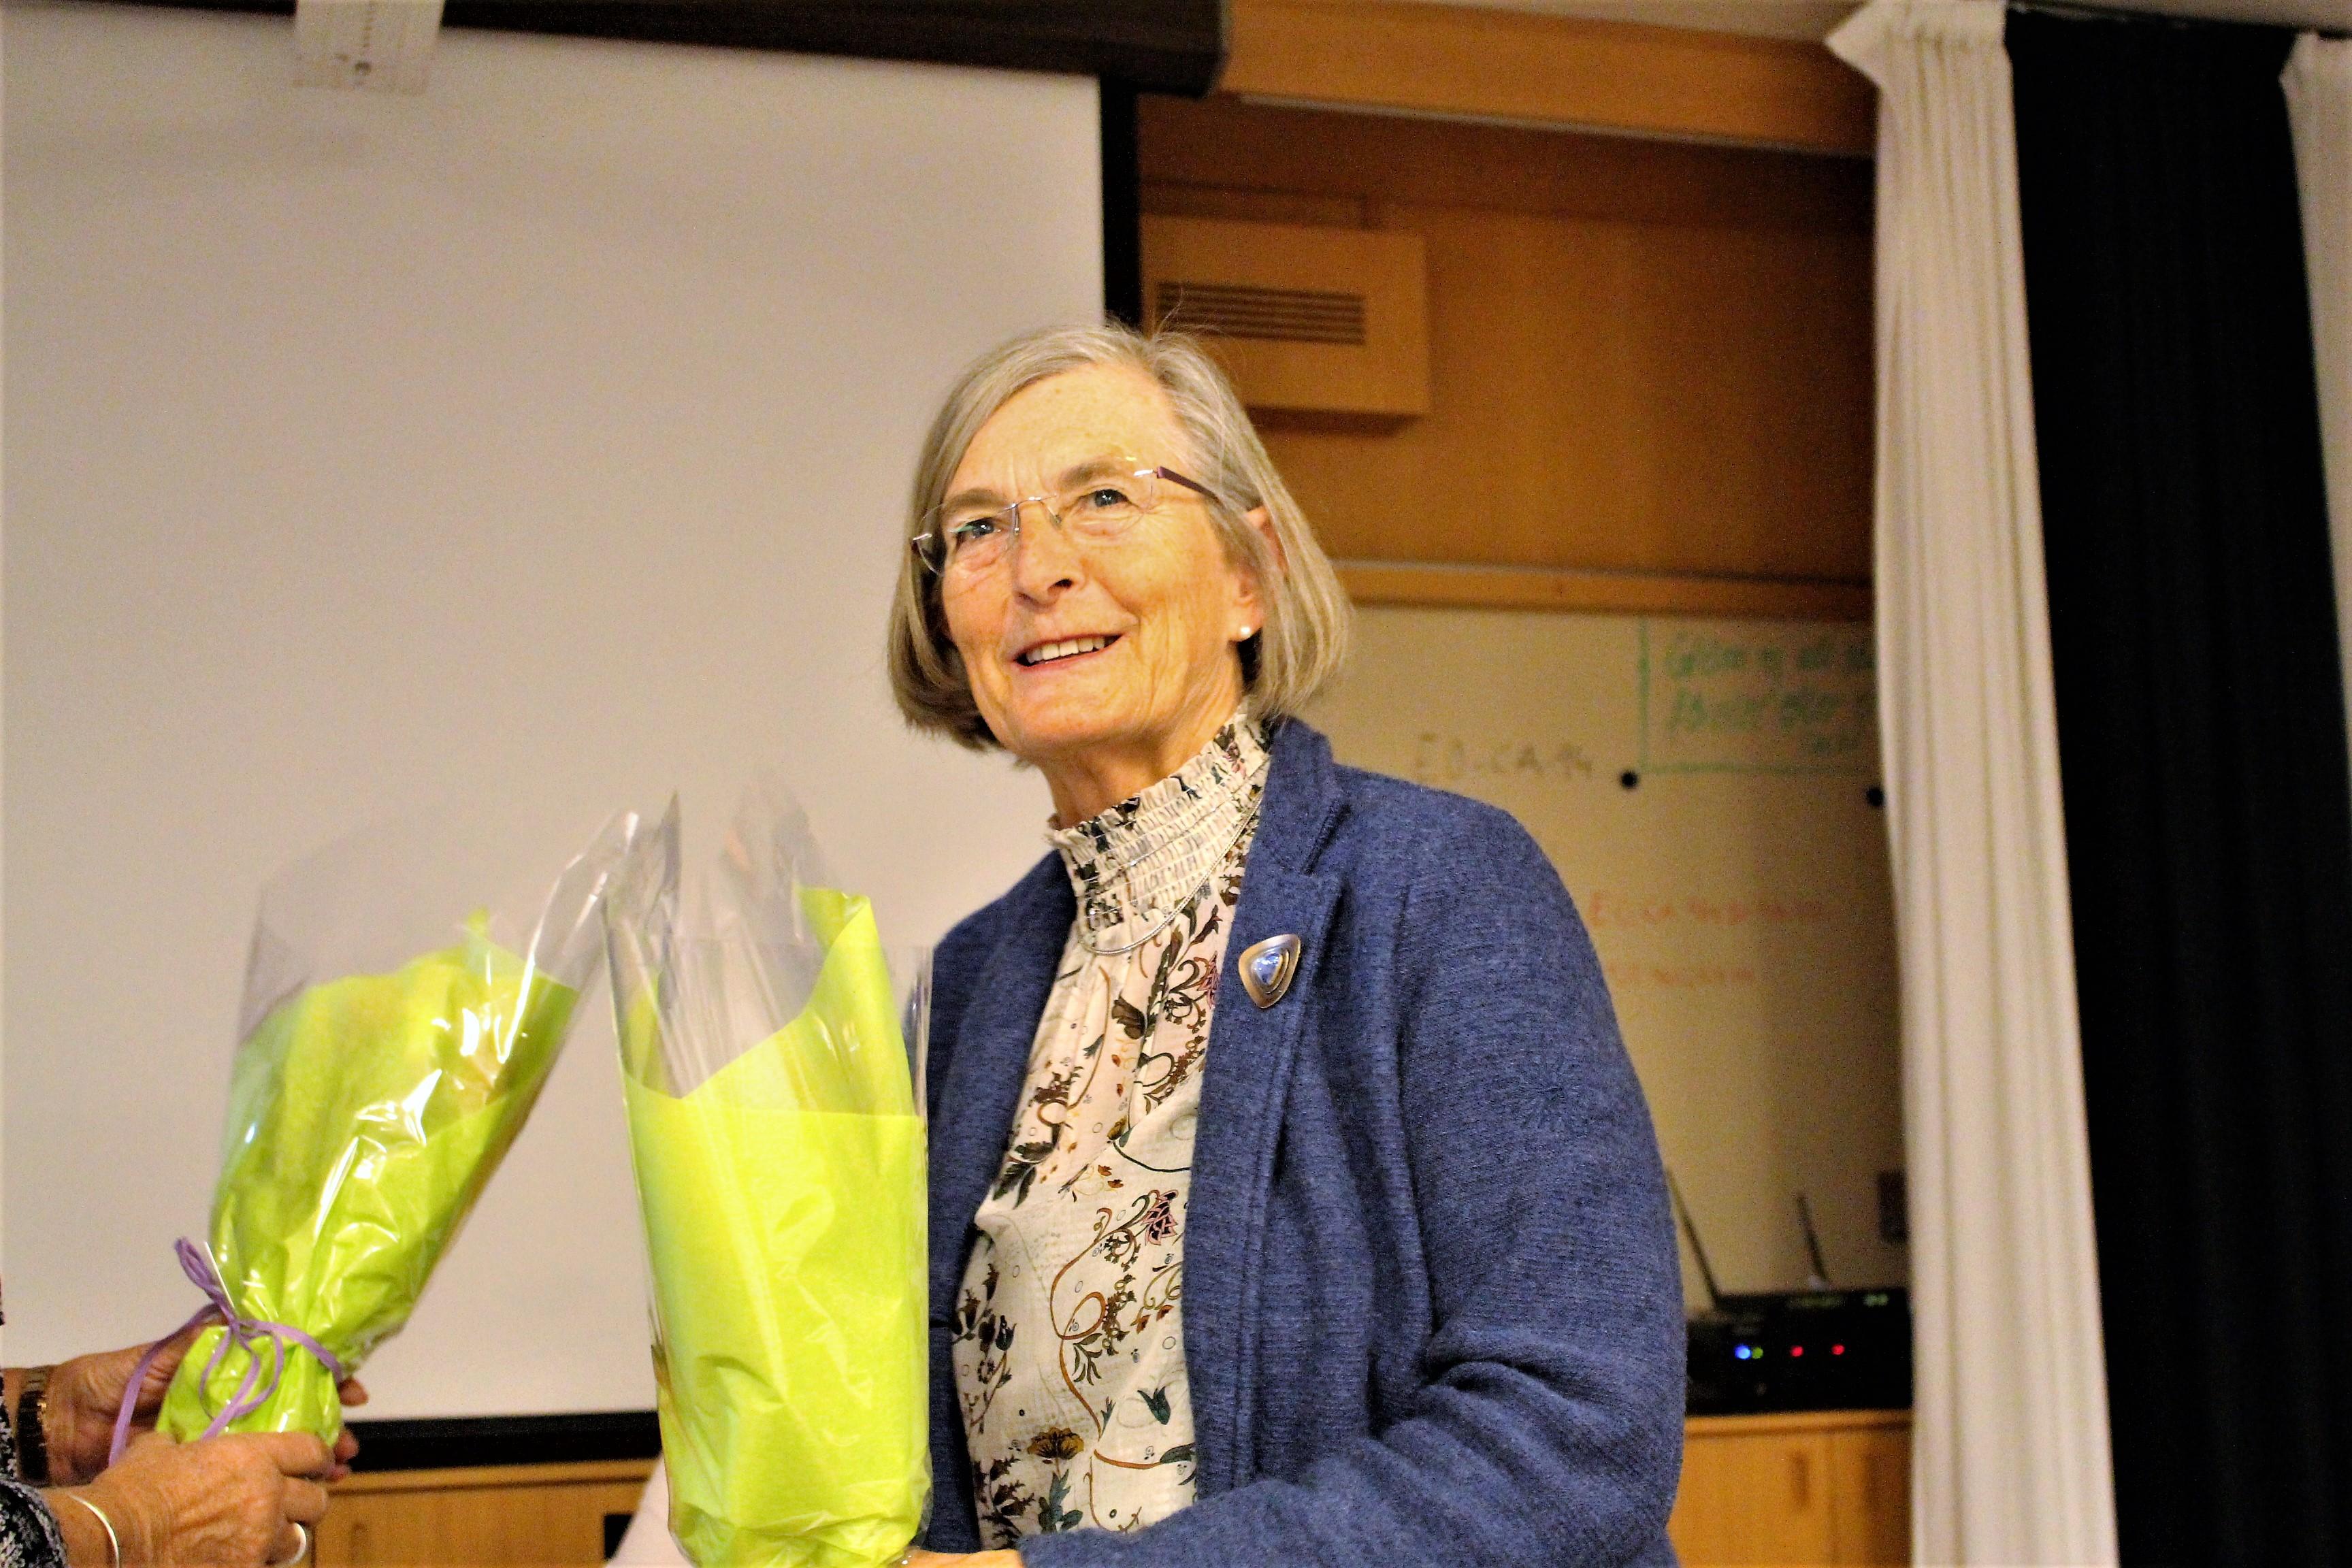 Monica som var ordförande för dagens möte har fått blommor